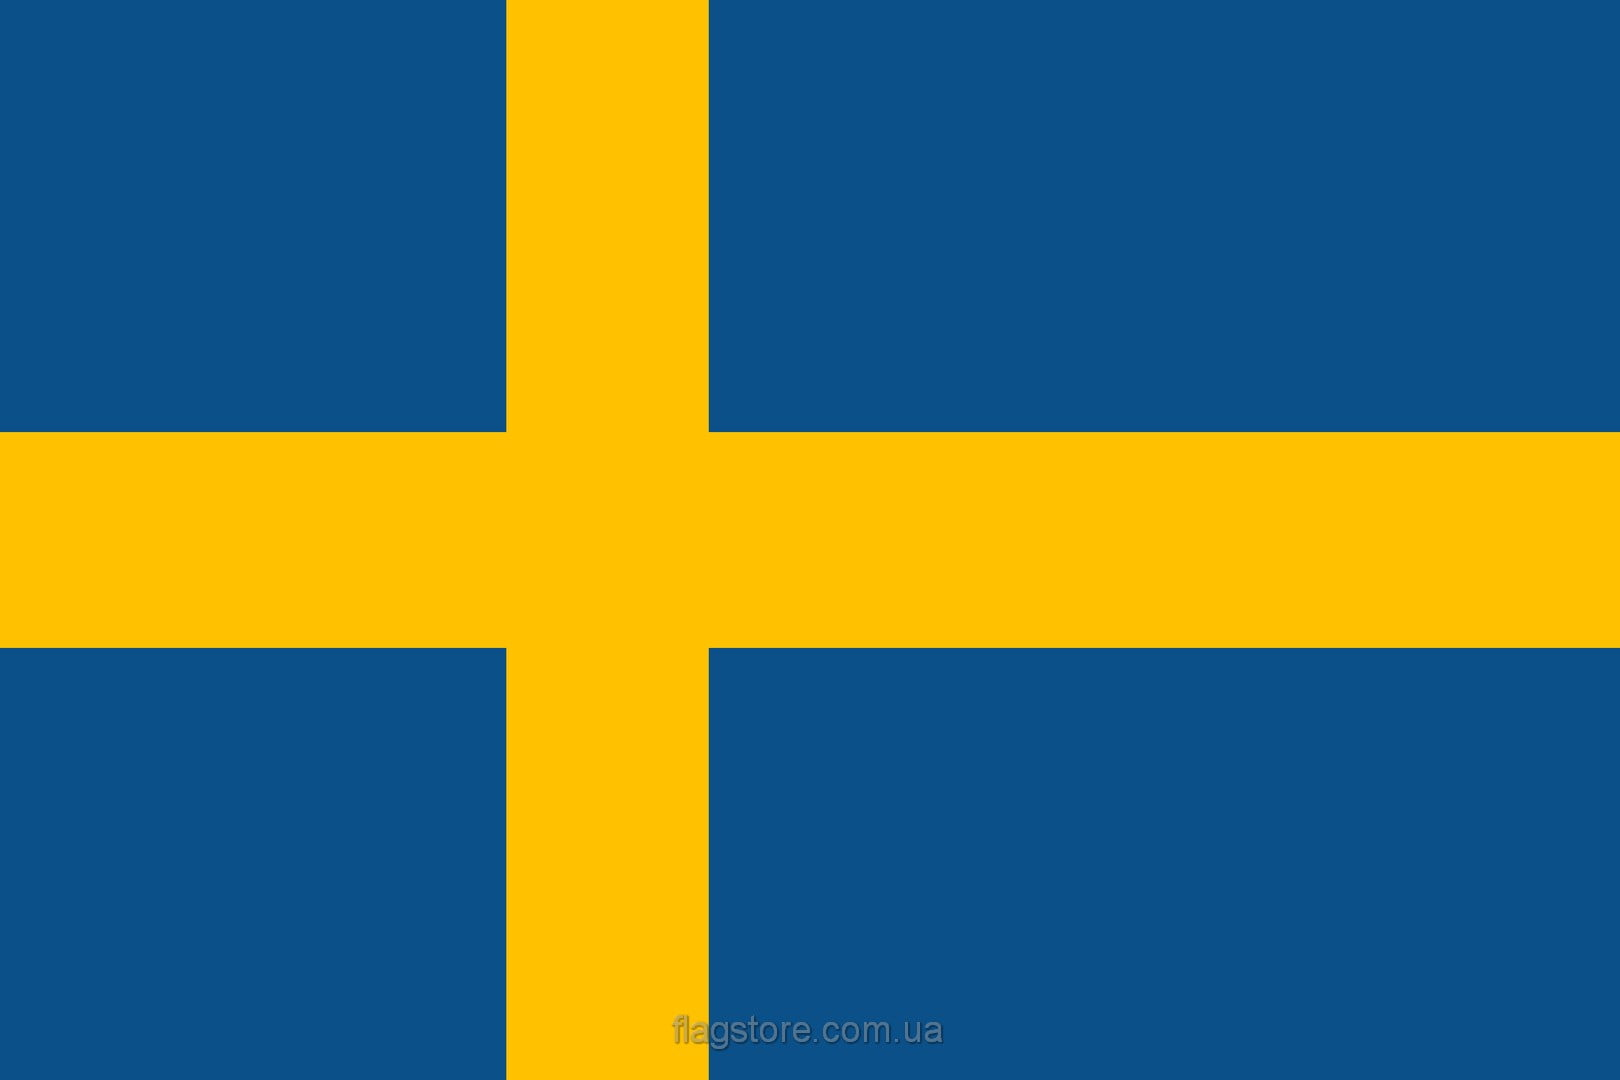 Купить флаг Швеции (страны Швеция)